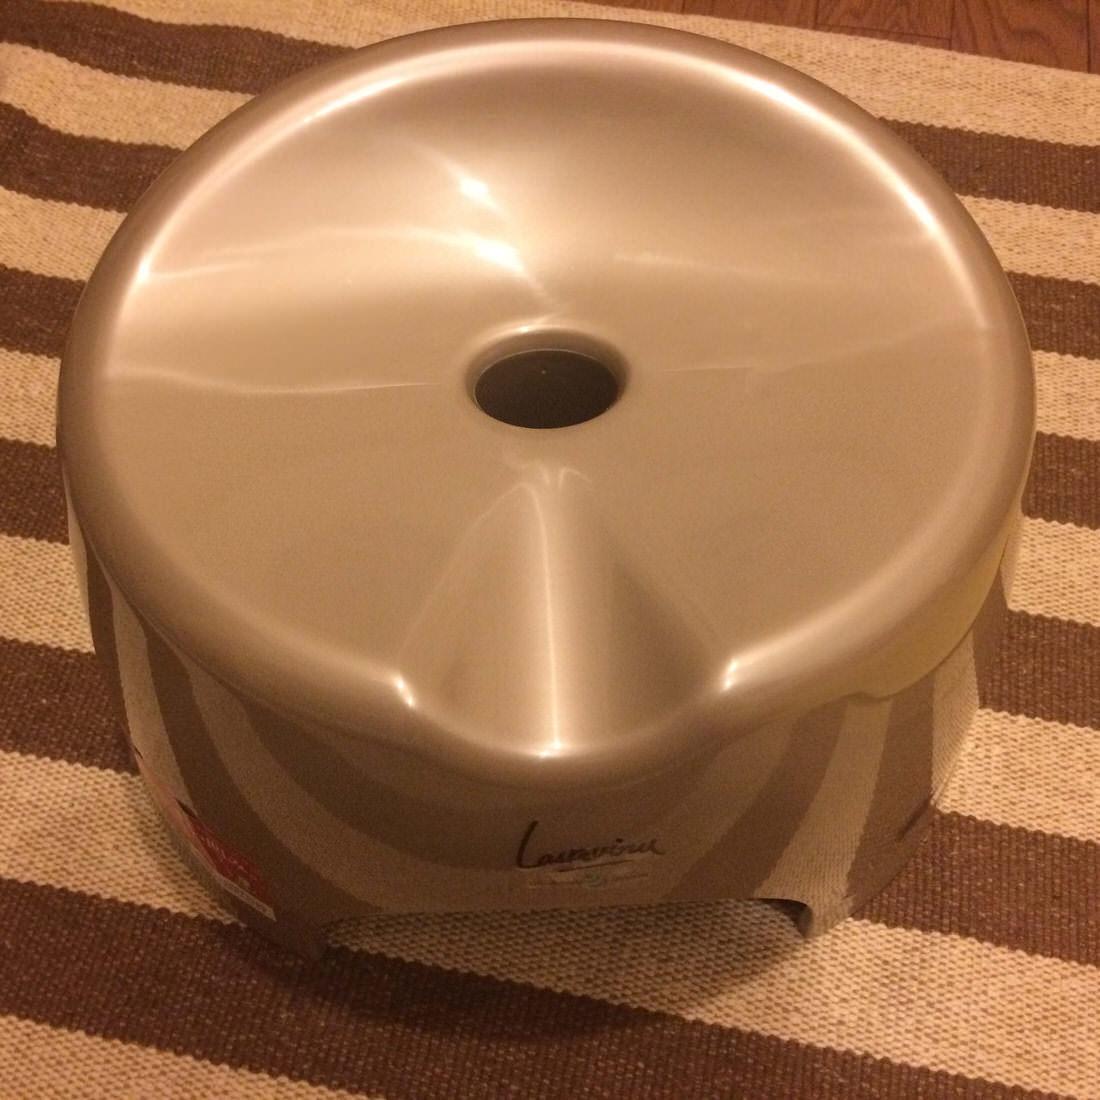 ユニバーサルデザインで銀イオン抗菌!リスの風呂イスでゆったり座れる!